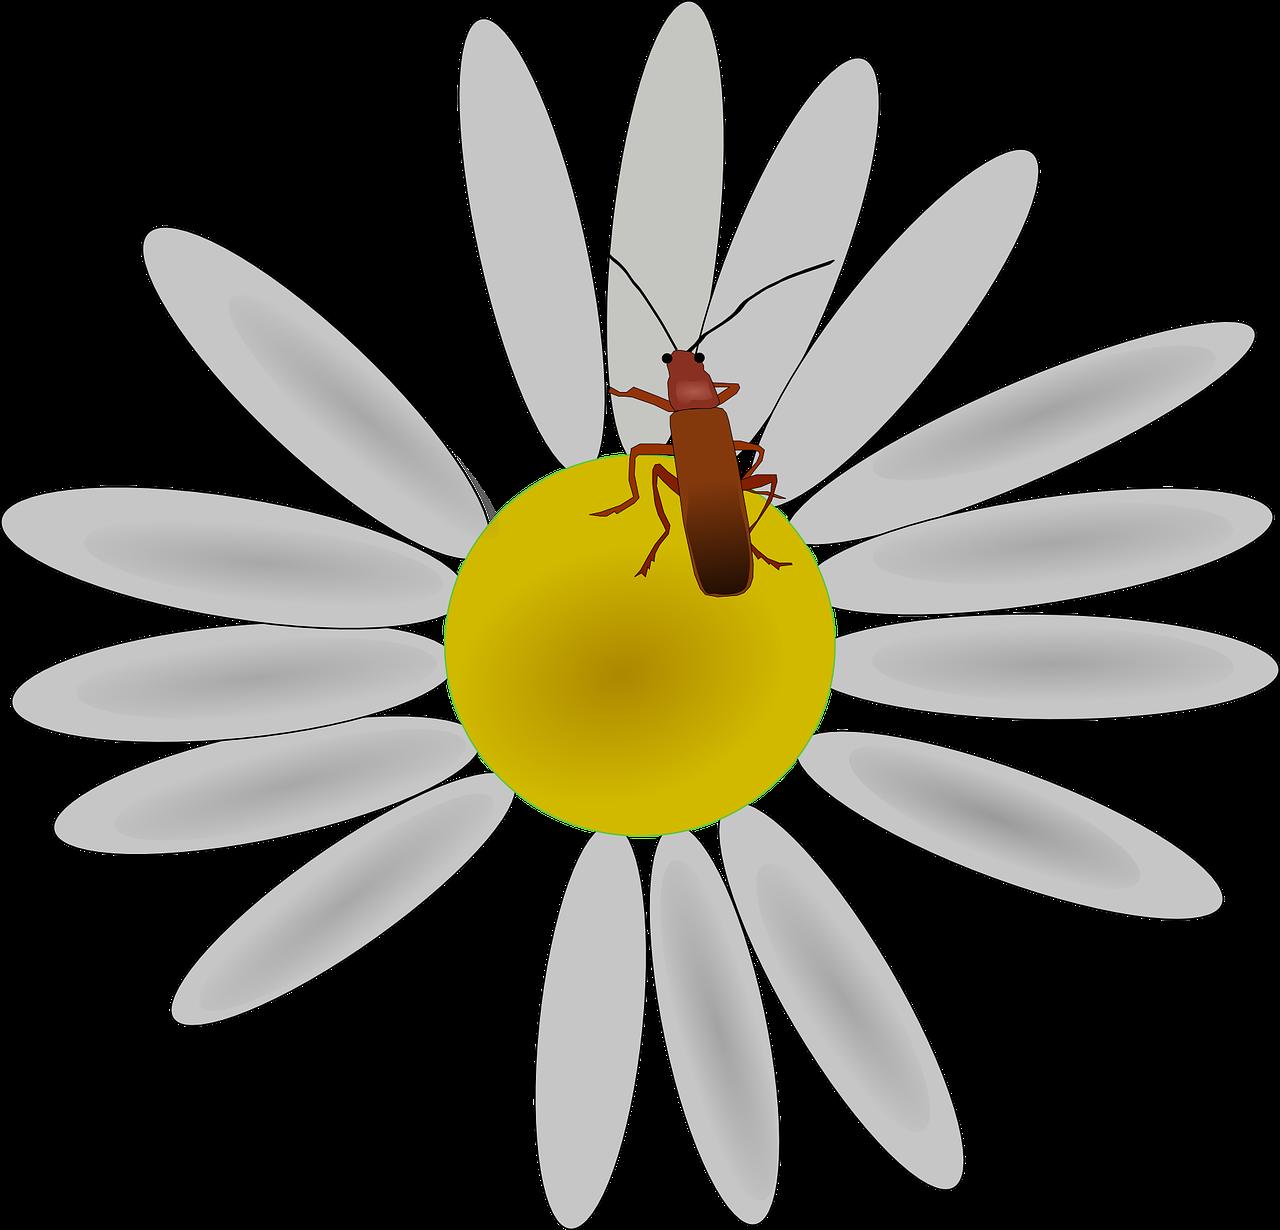 так картинки к слову цветочек что делитесь